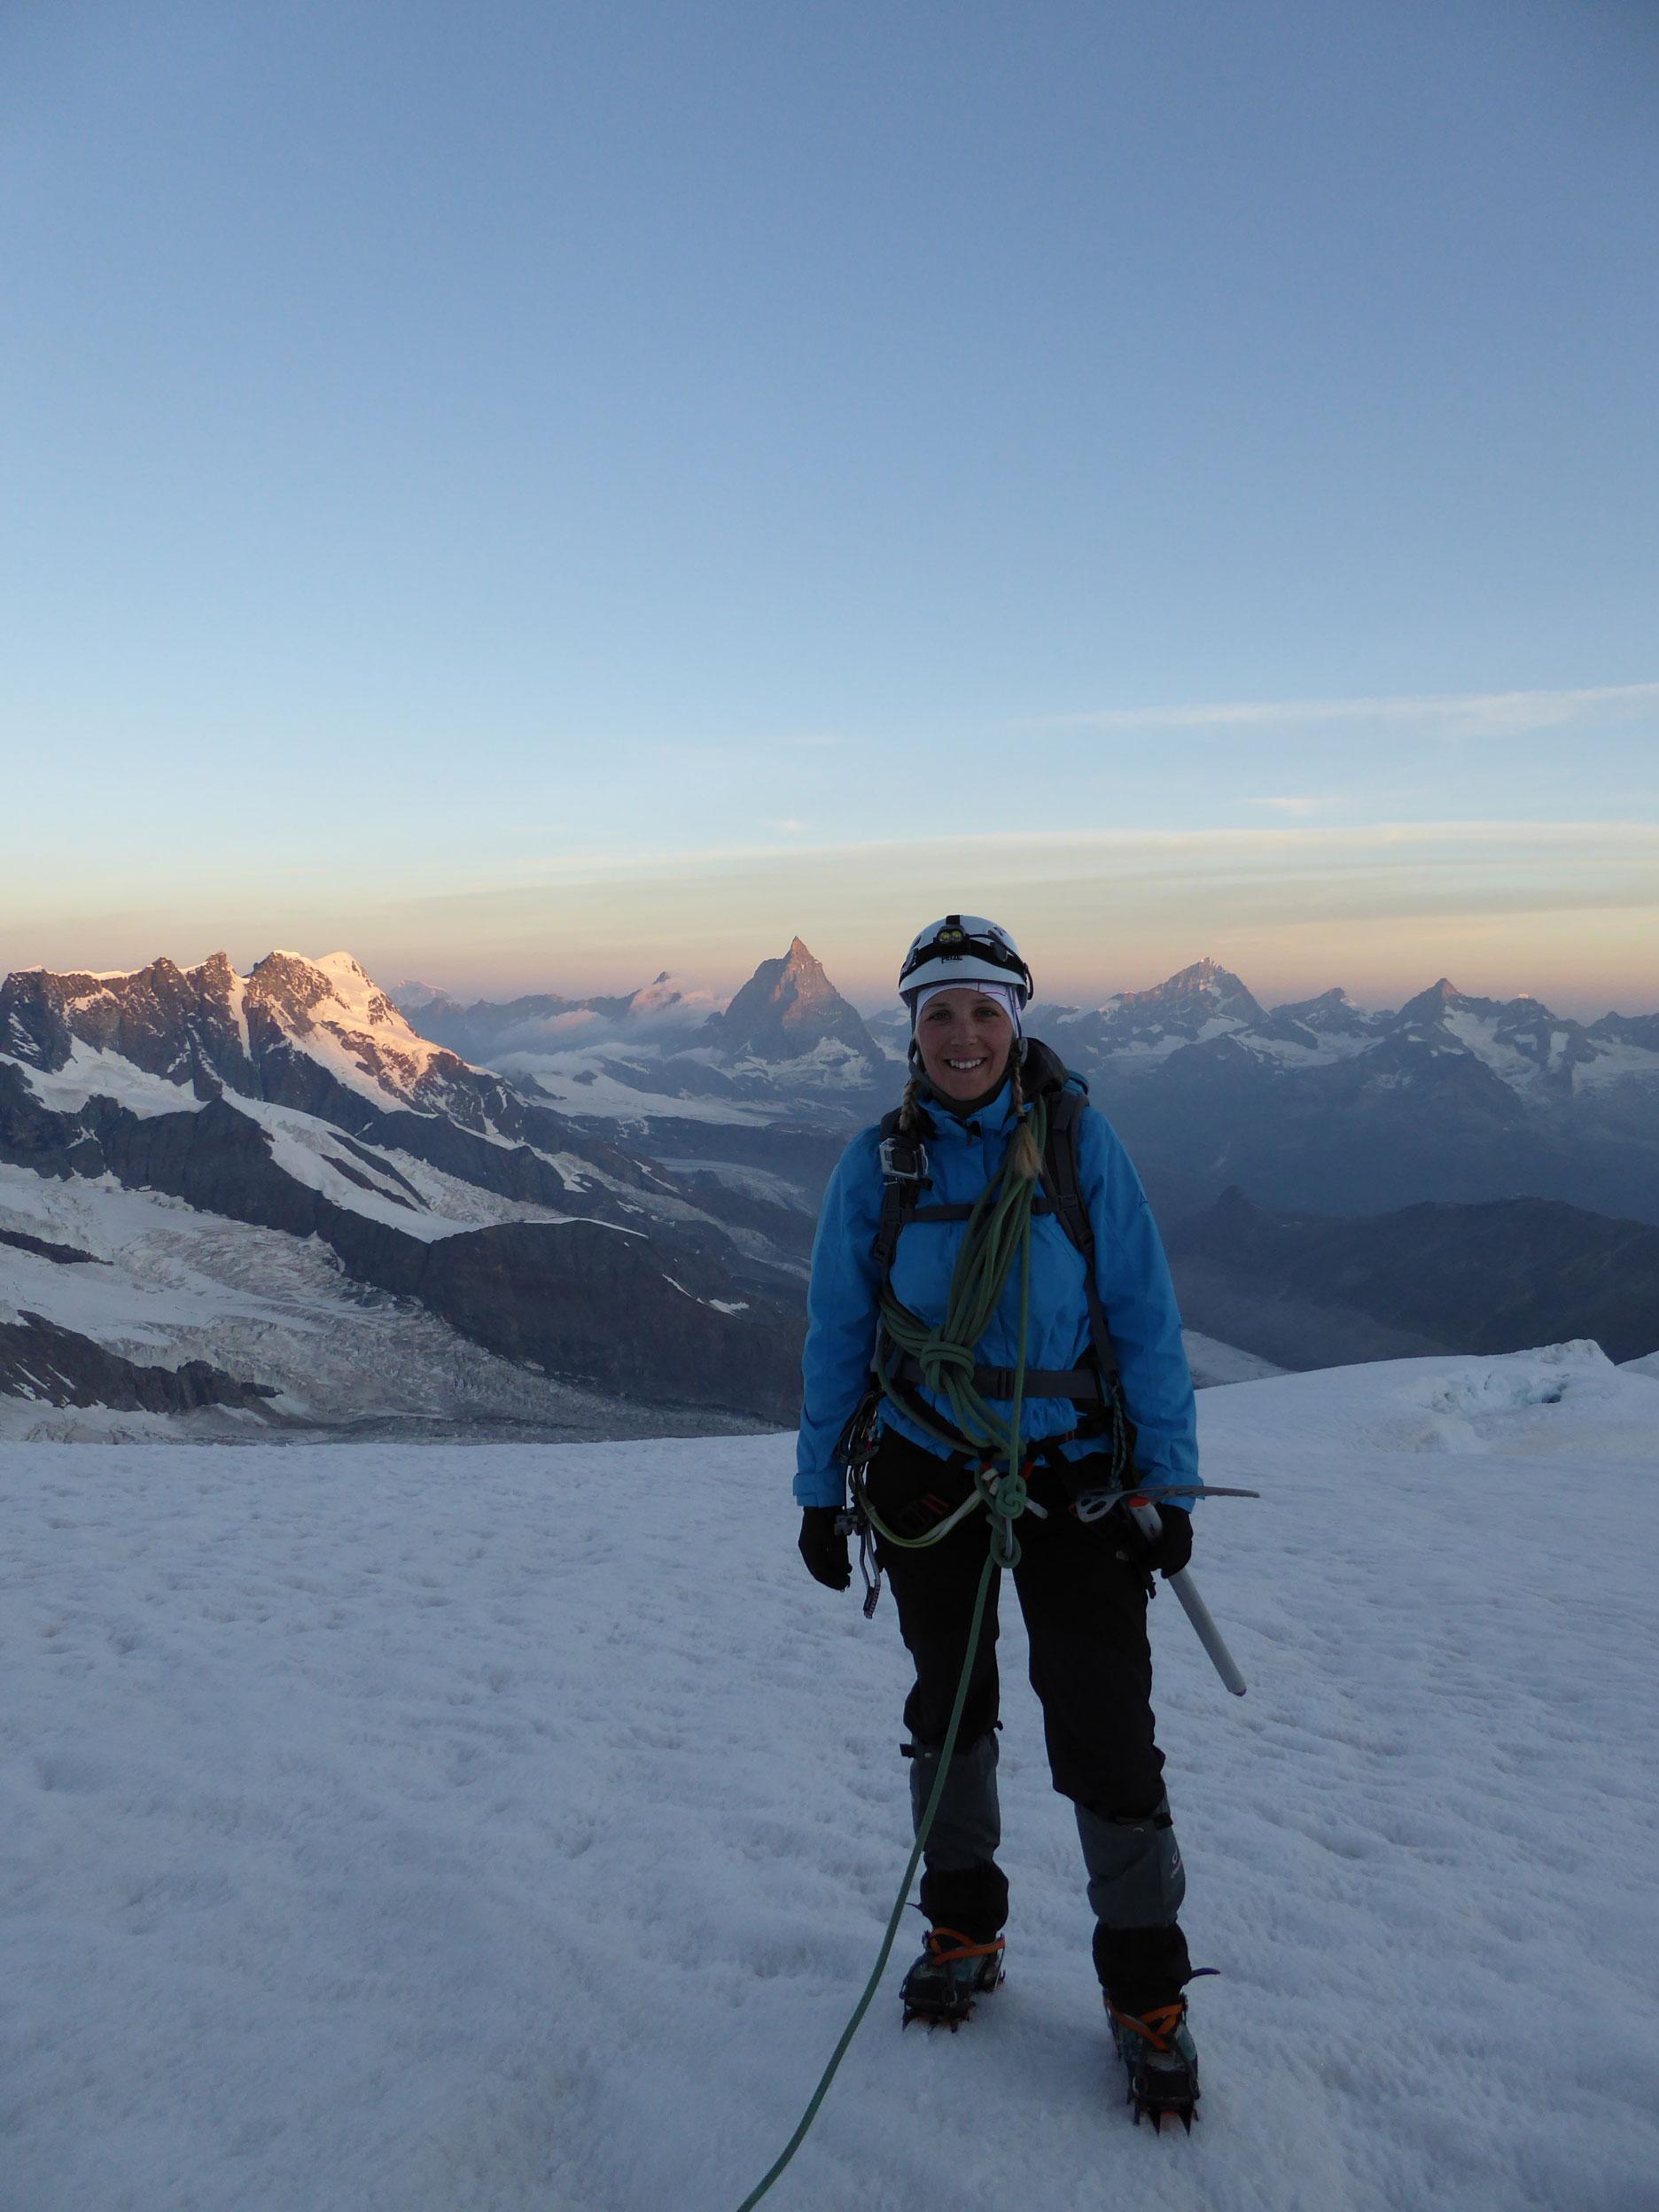 munichmountaingirls-melanie-brem-bergsteigen-schnee-hochtour-berge-Dufourspitze-aufstieg-matterhorn-hintergrund